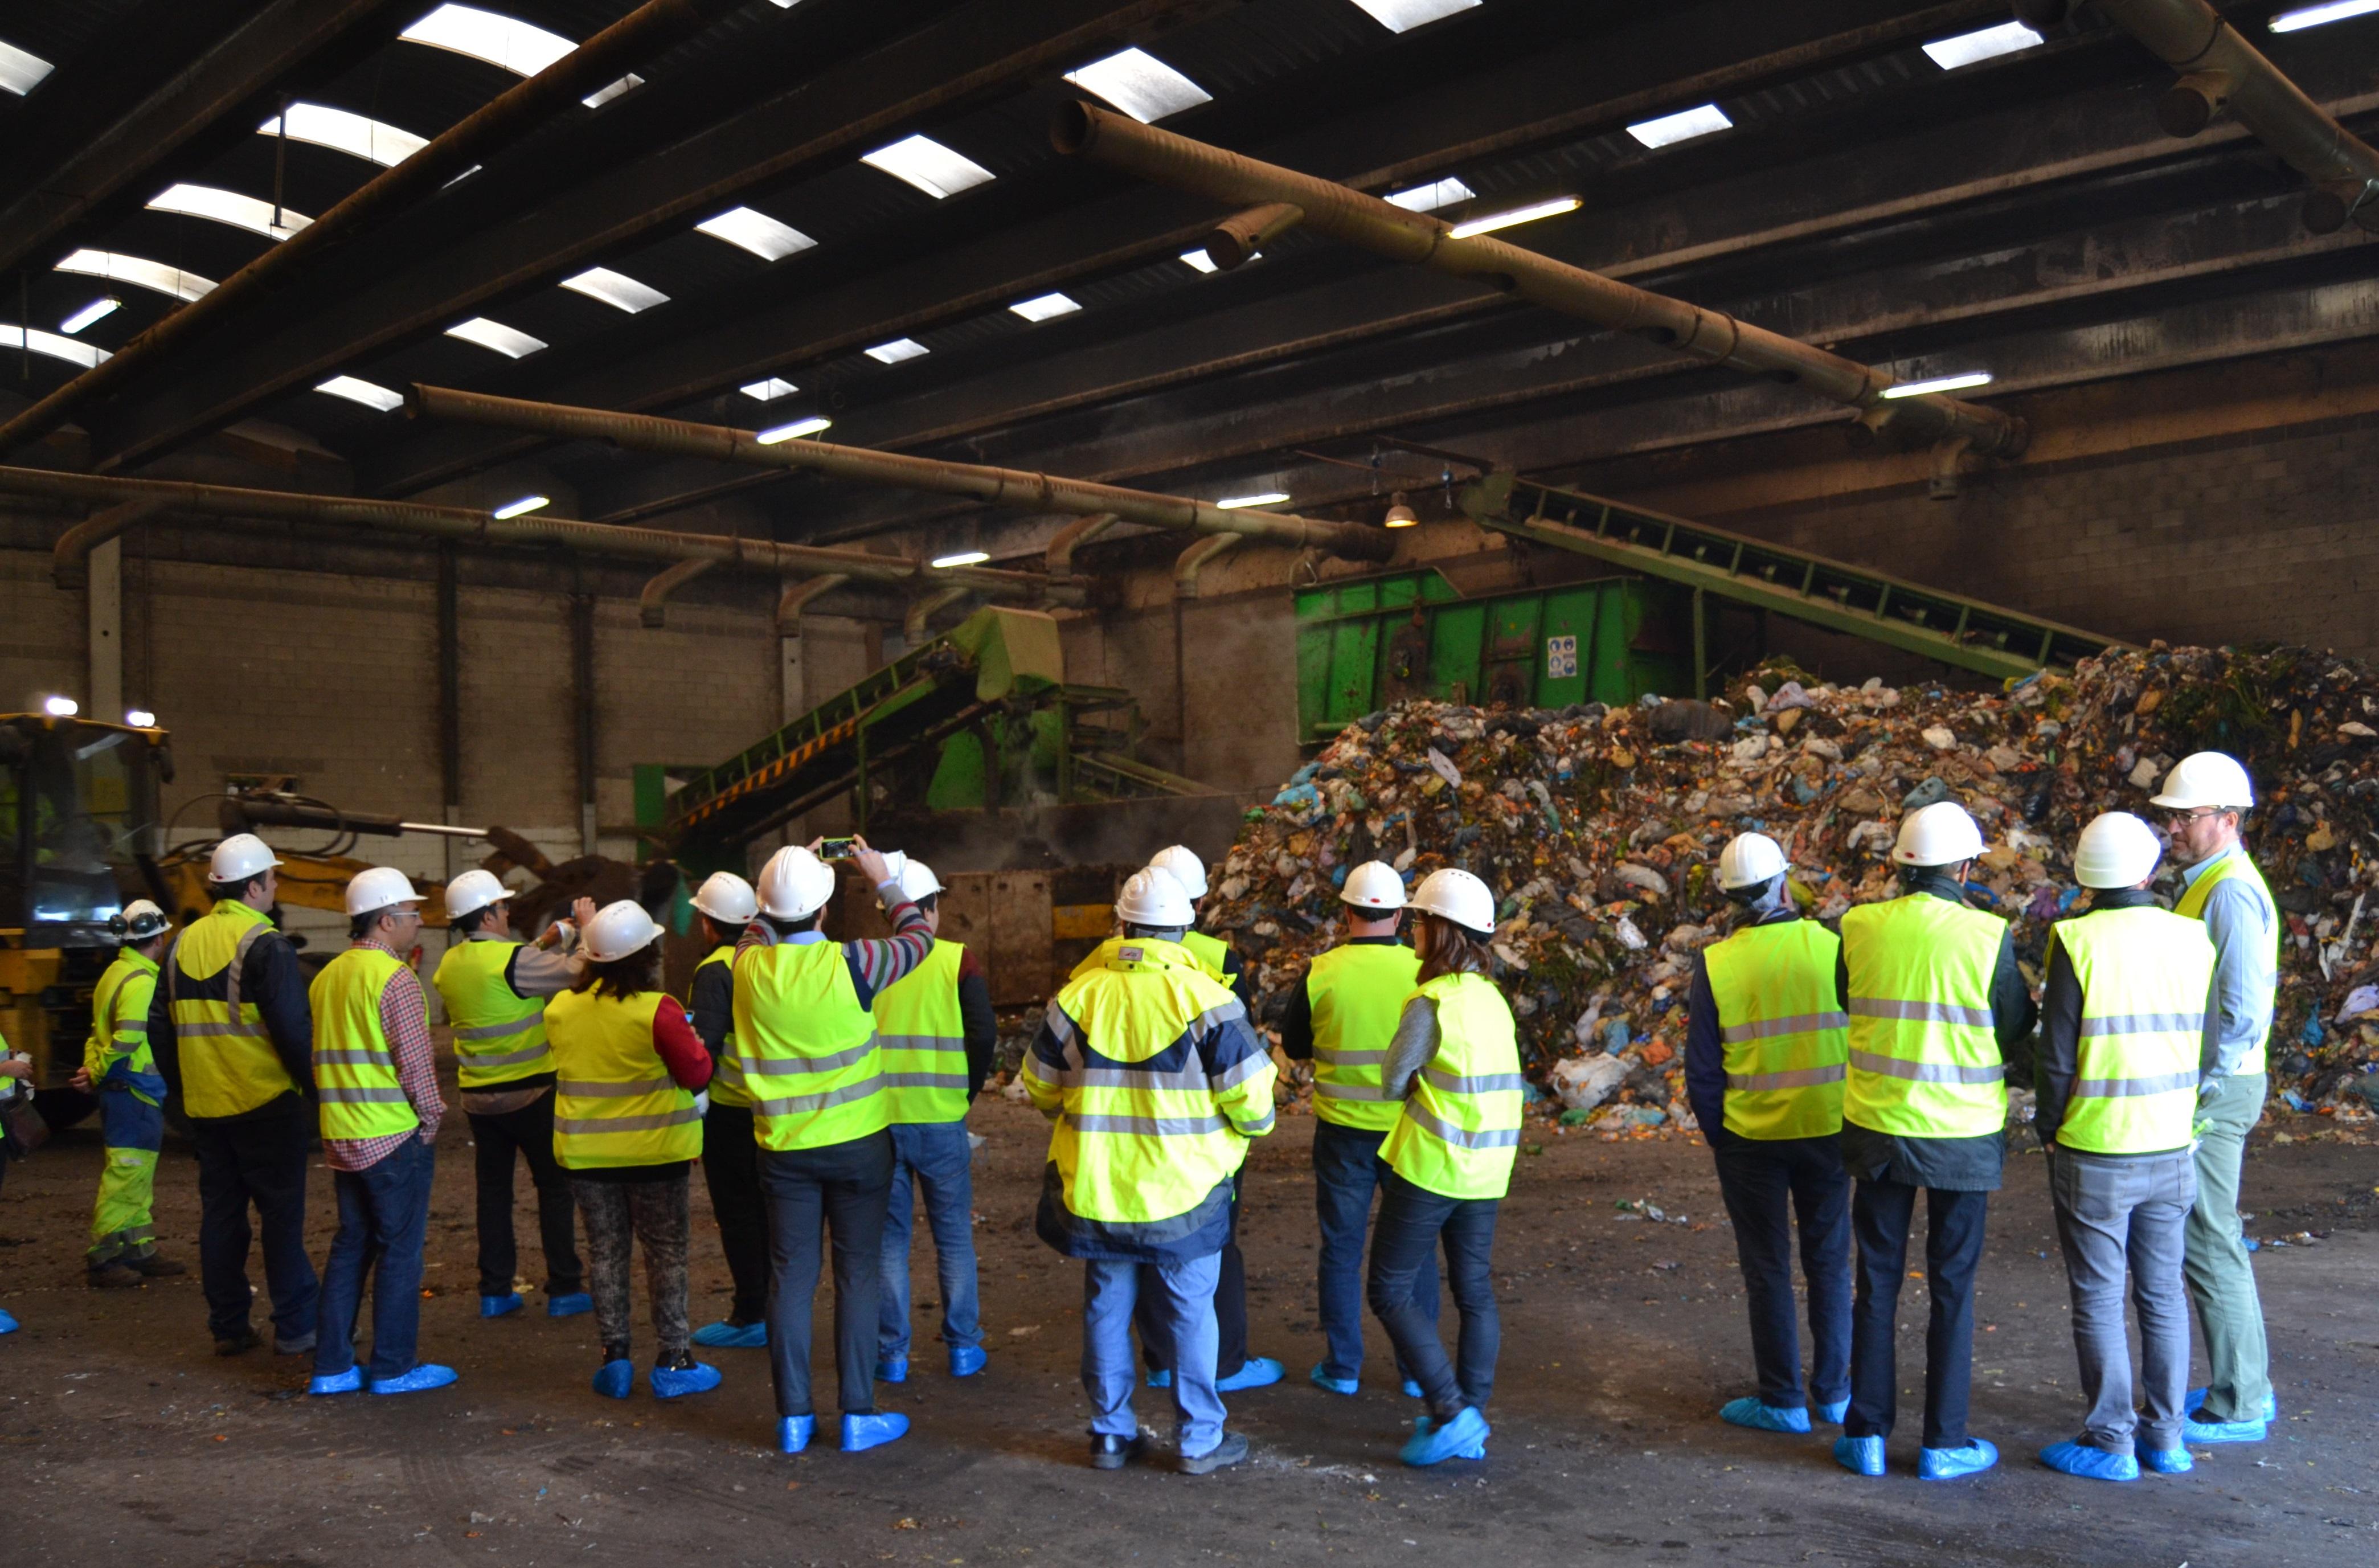 Representants municipals visiten les instal·lacions de tractament de residus de la comarca